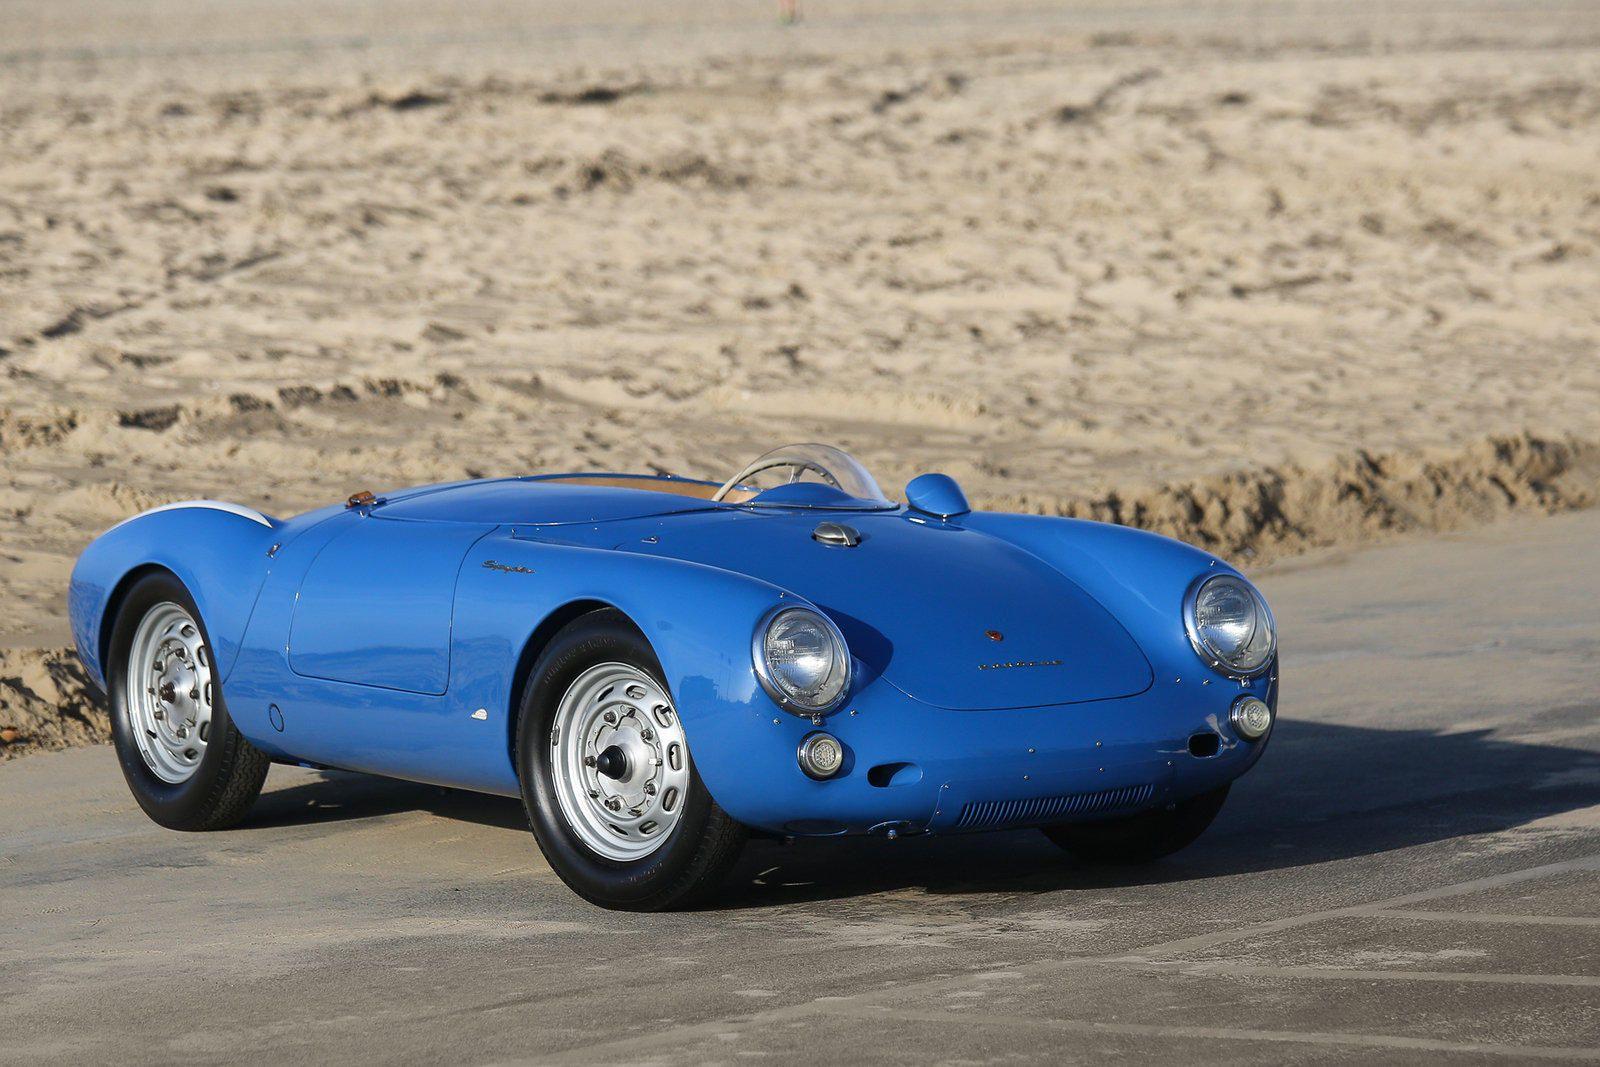 """<img src=""""1955-porsche-550-spyder.jpg"""" alt=""""1955 Porsche 550 Spyder once owned by Jerry Seinfeld"""">"""